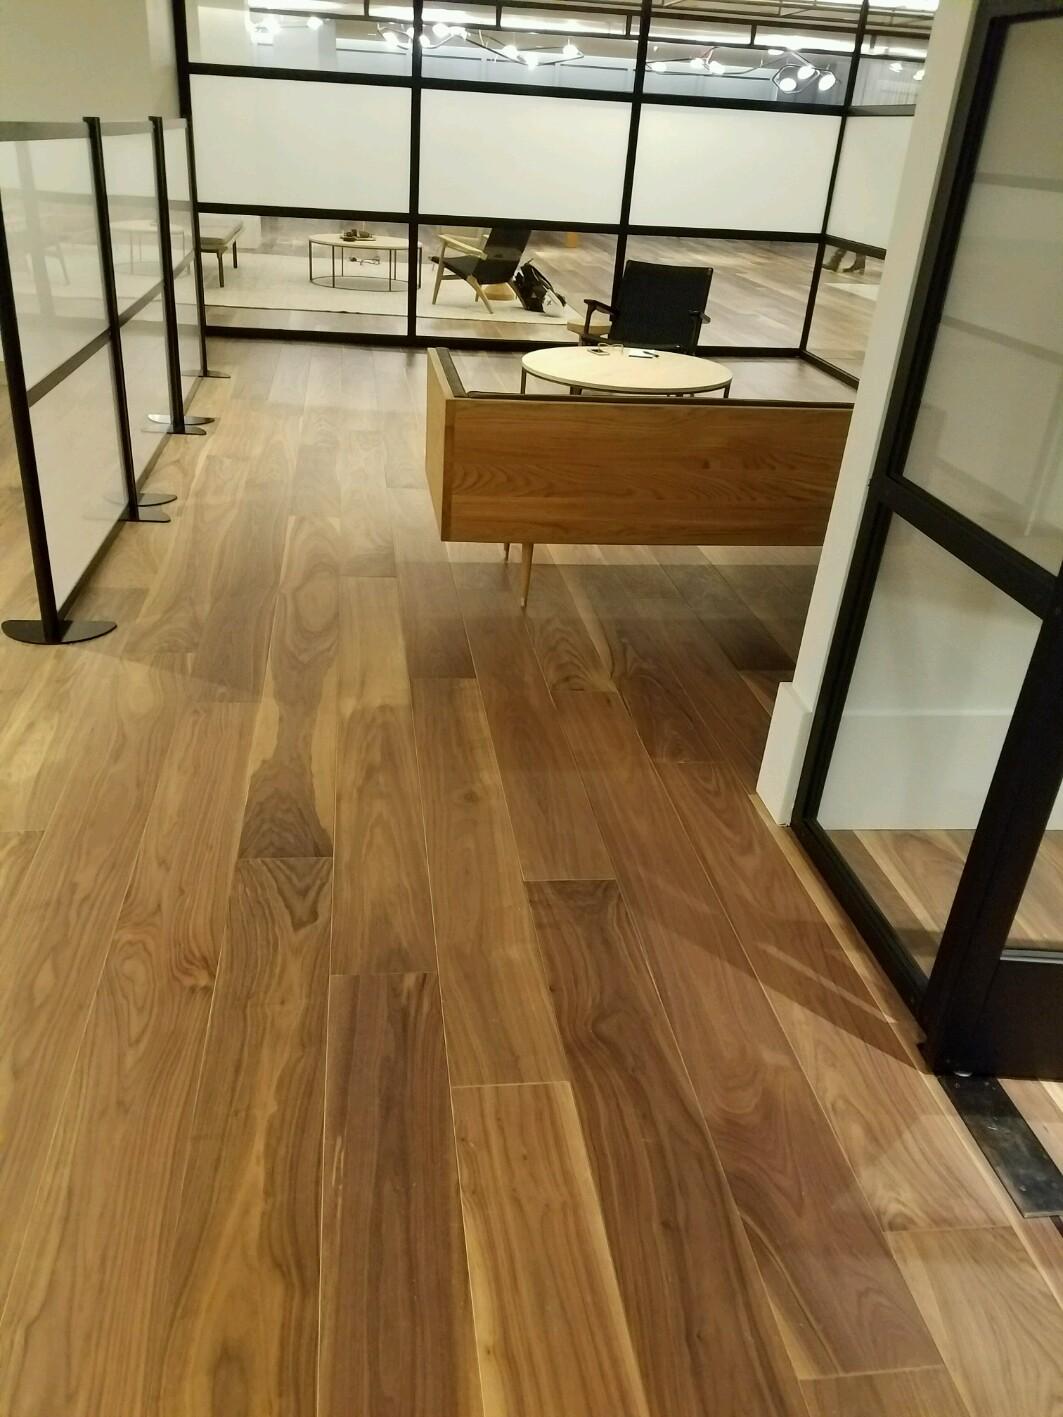 wholesale hardwood products